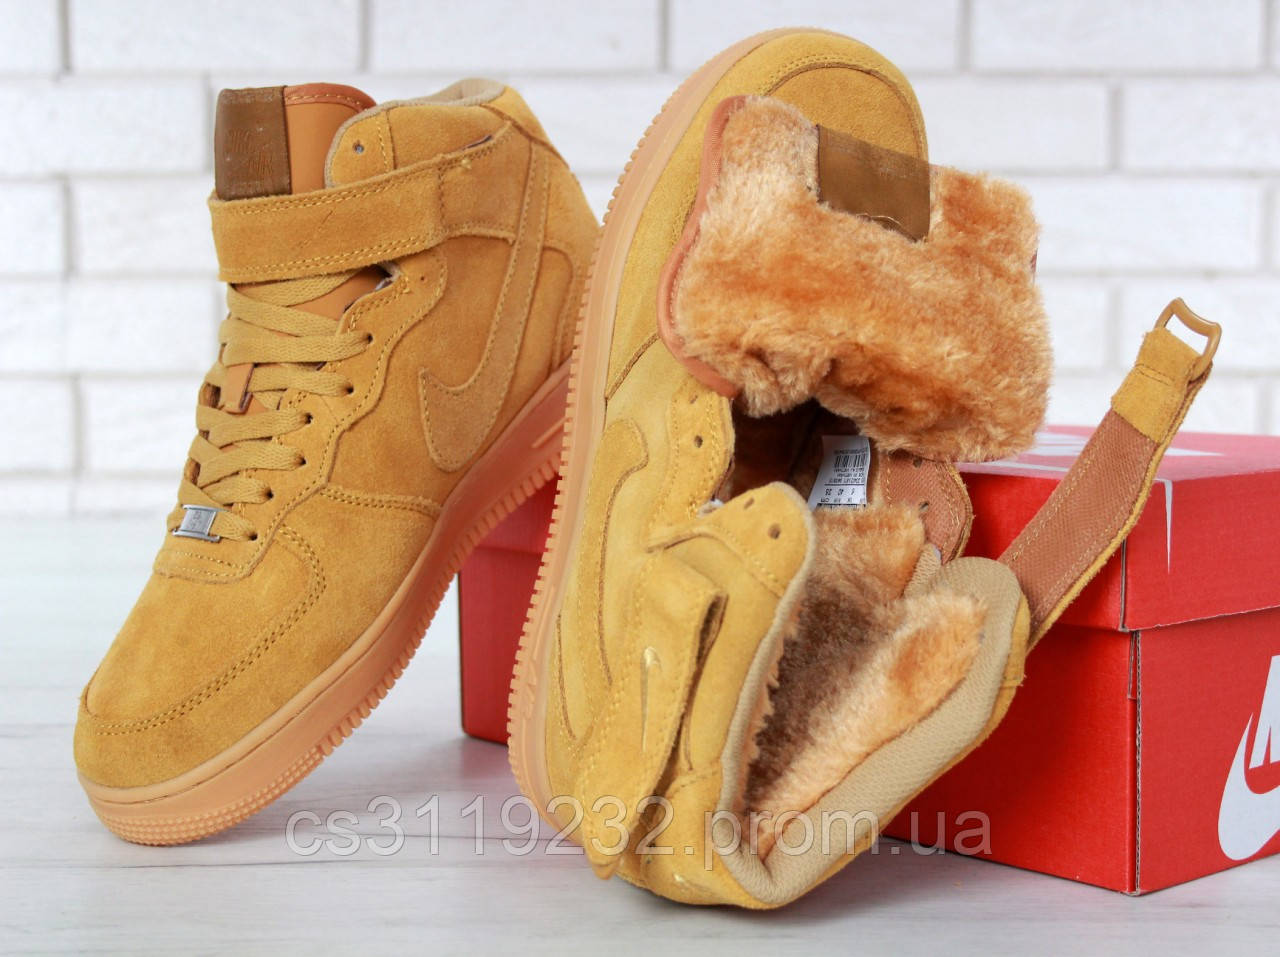 Мужские кроссовки зимние Nike Air Force High (мех) (рыжие)